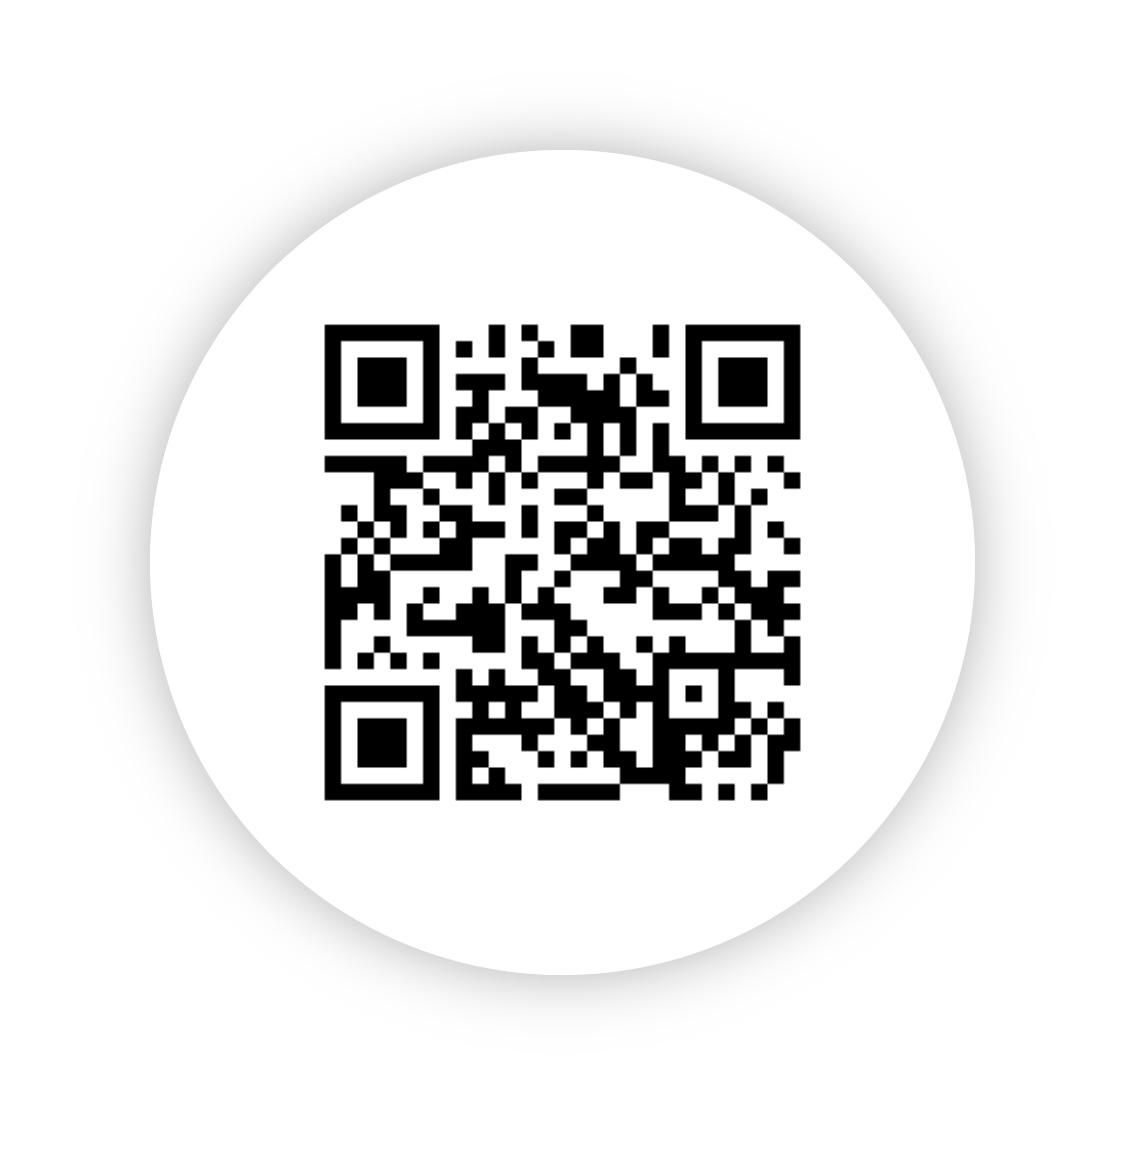 IMG_2182.jpg (92 KB)